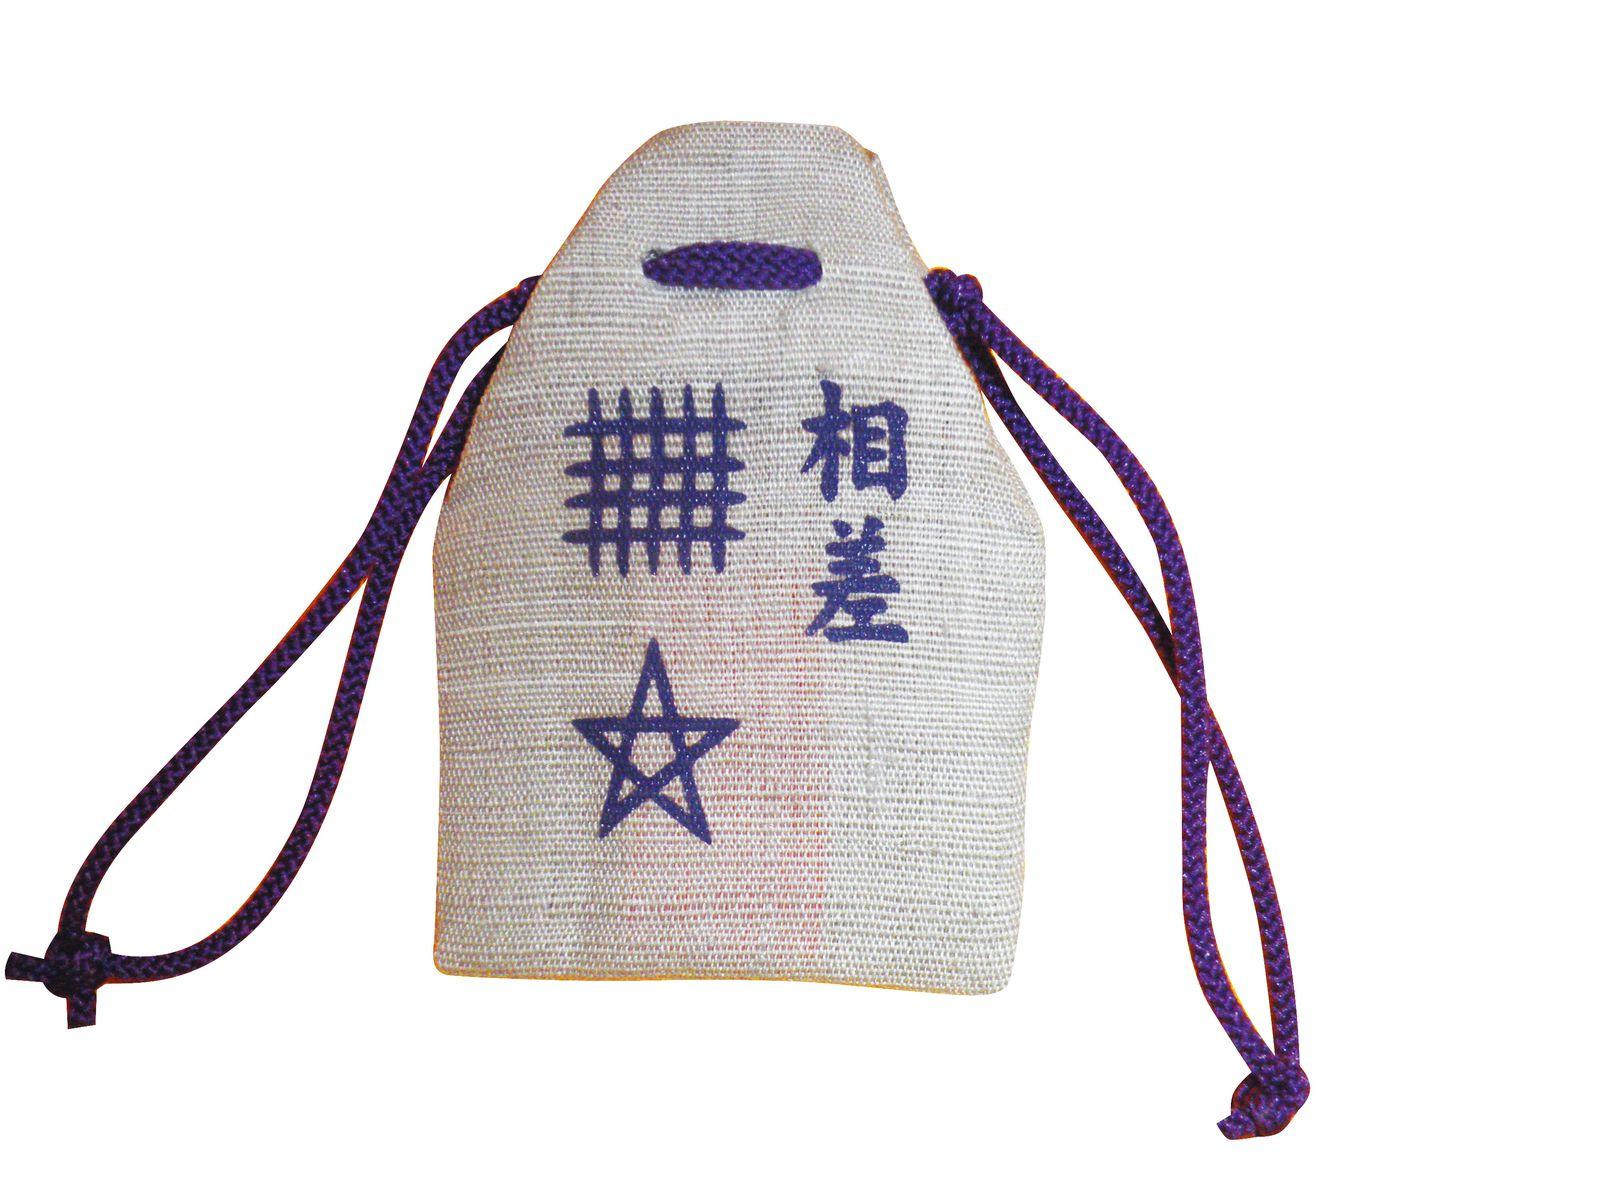 海女さんたちが手作りしている麻の布のお守りは、魔よけのマーク「セーマン ドーマン」の刺しゅう入り。とってもかわいく、要チェックです。